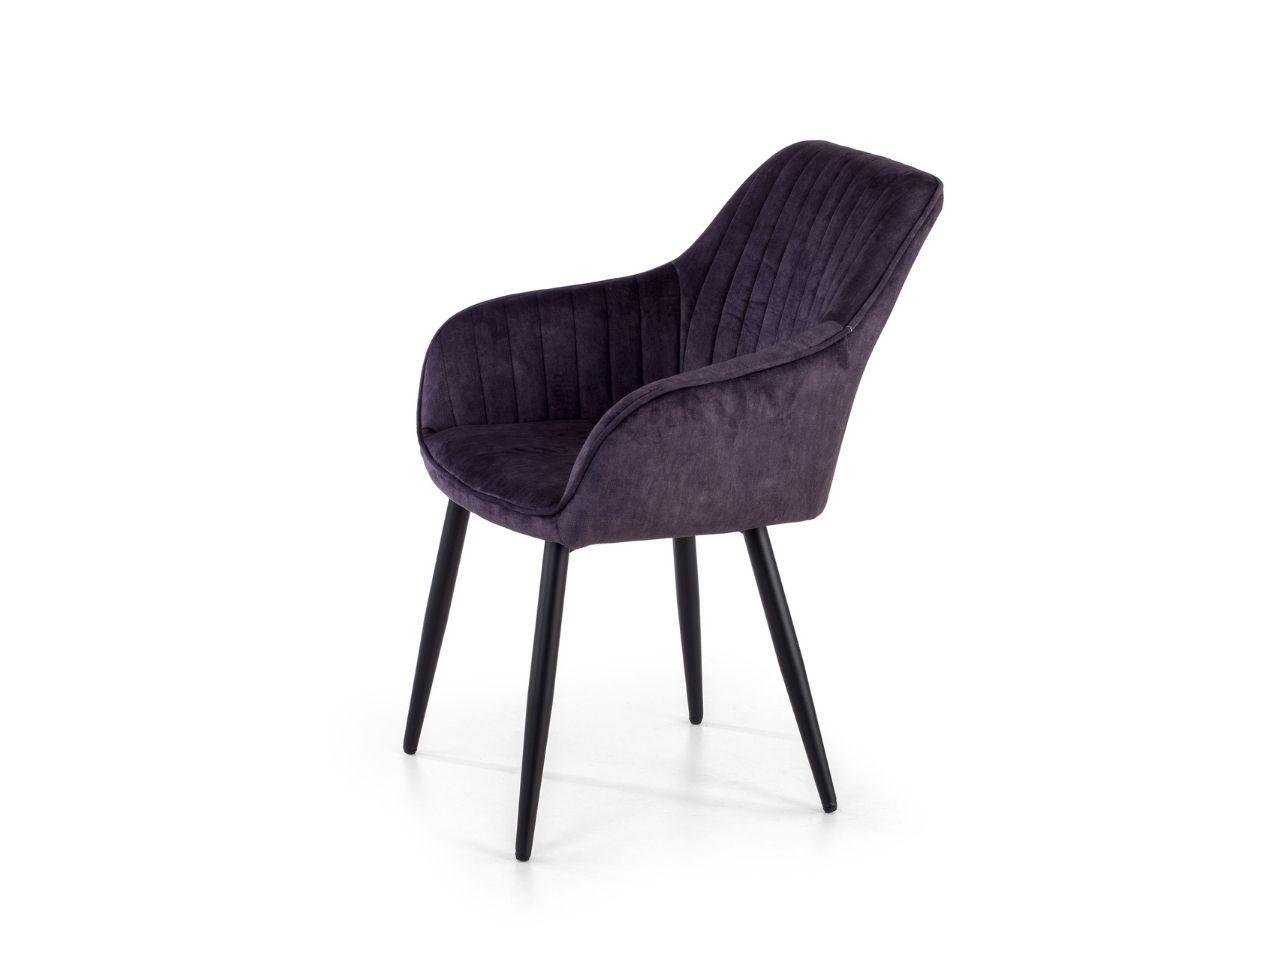 Muebles dise o en madera dormitorios matrimonio precio for Muebles dormitorio matrimonio